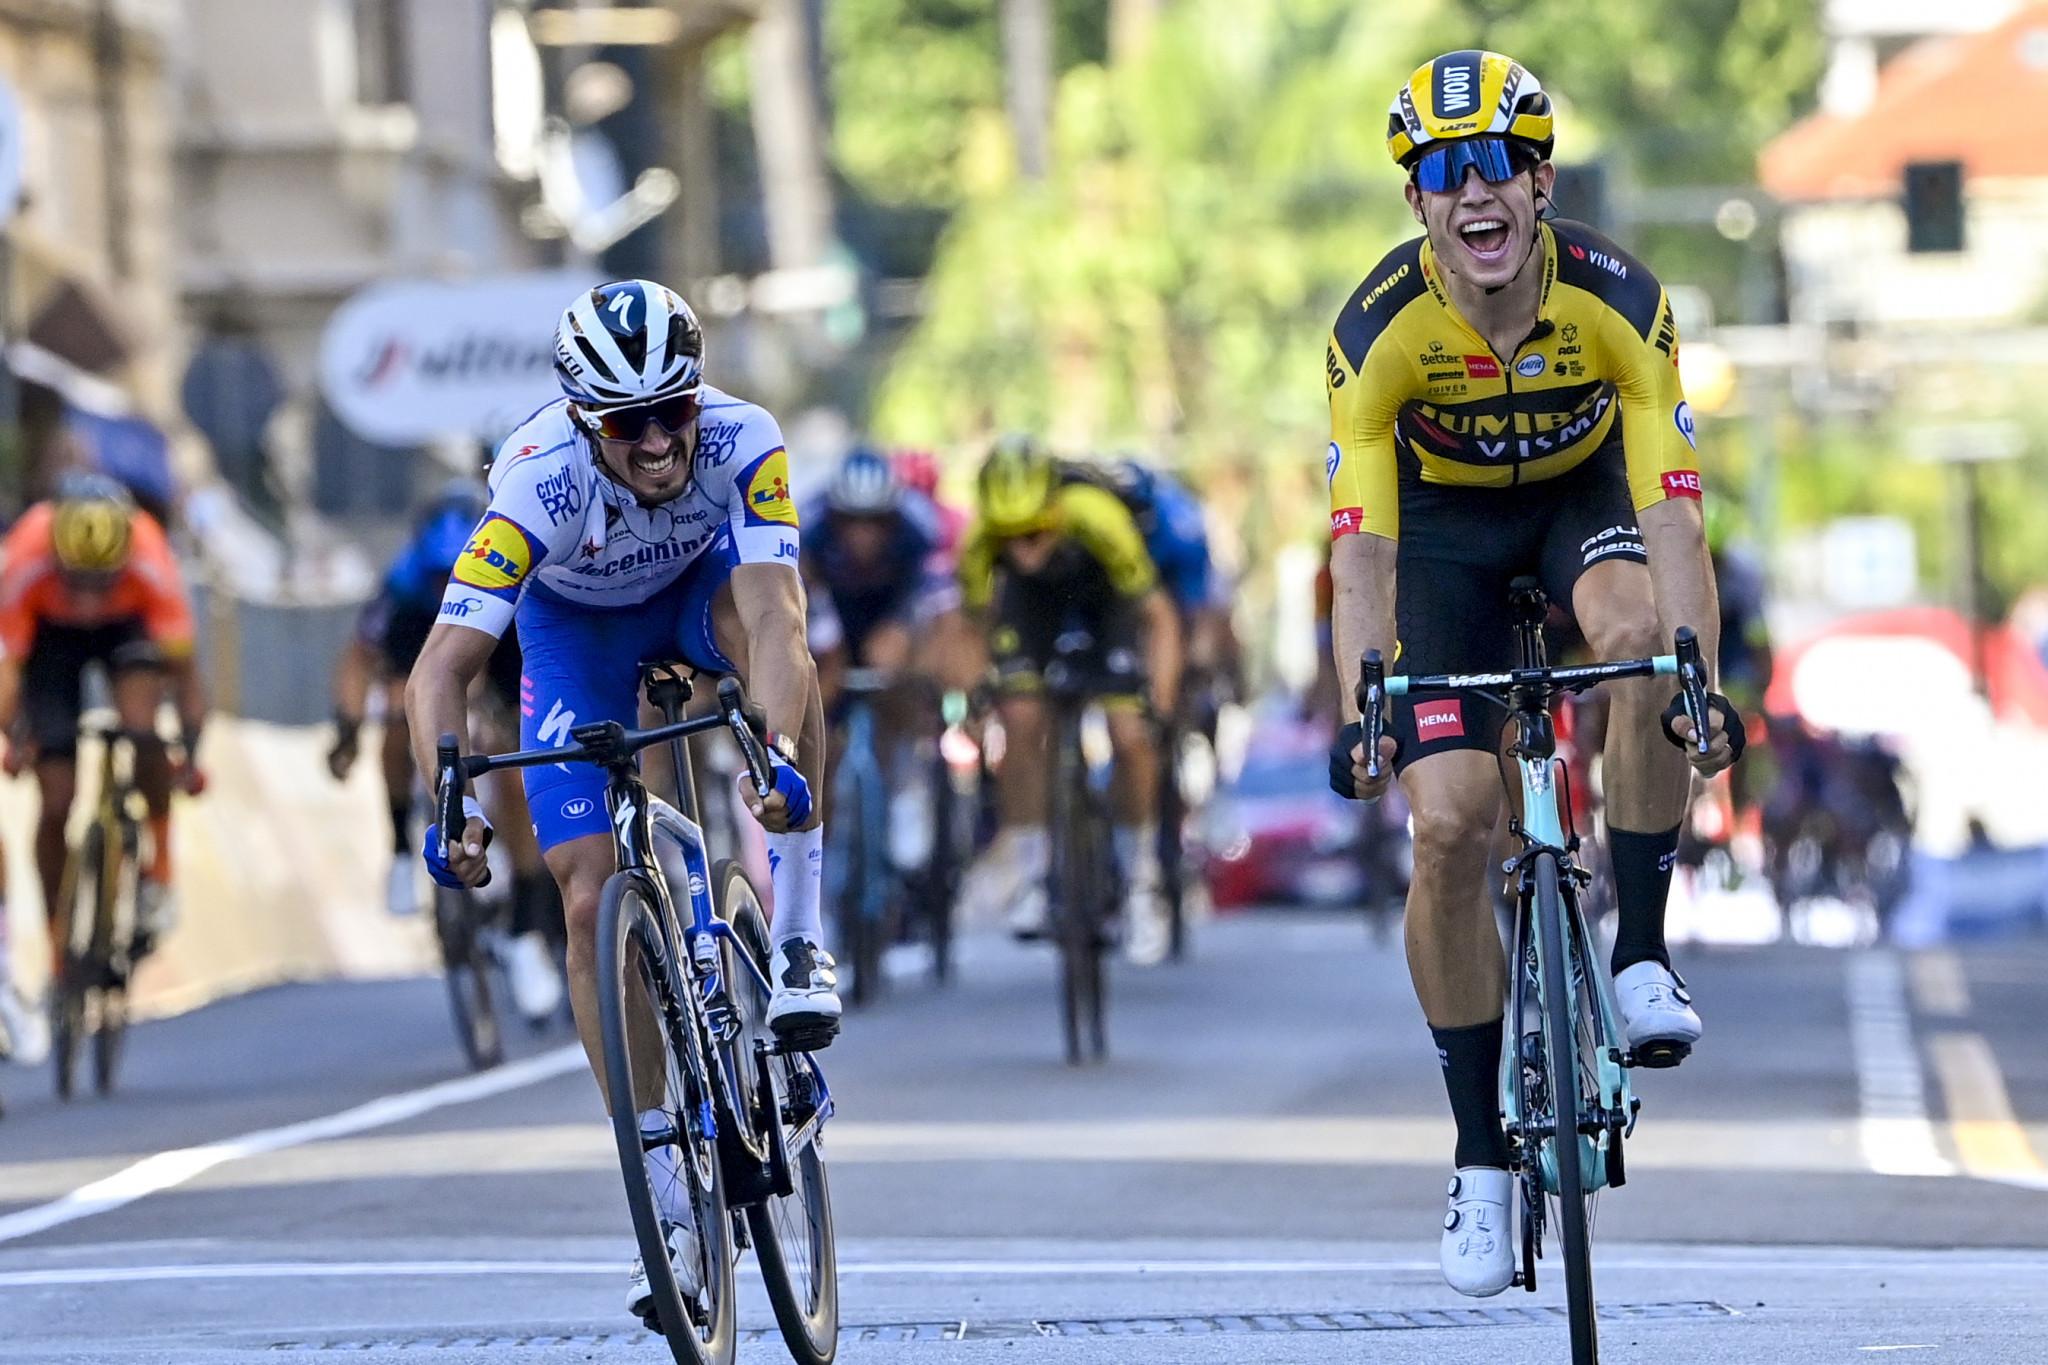 Defending champion Van Aert among favourites at Milan-San Remo